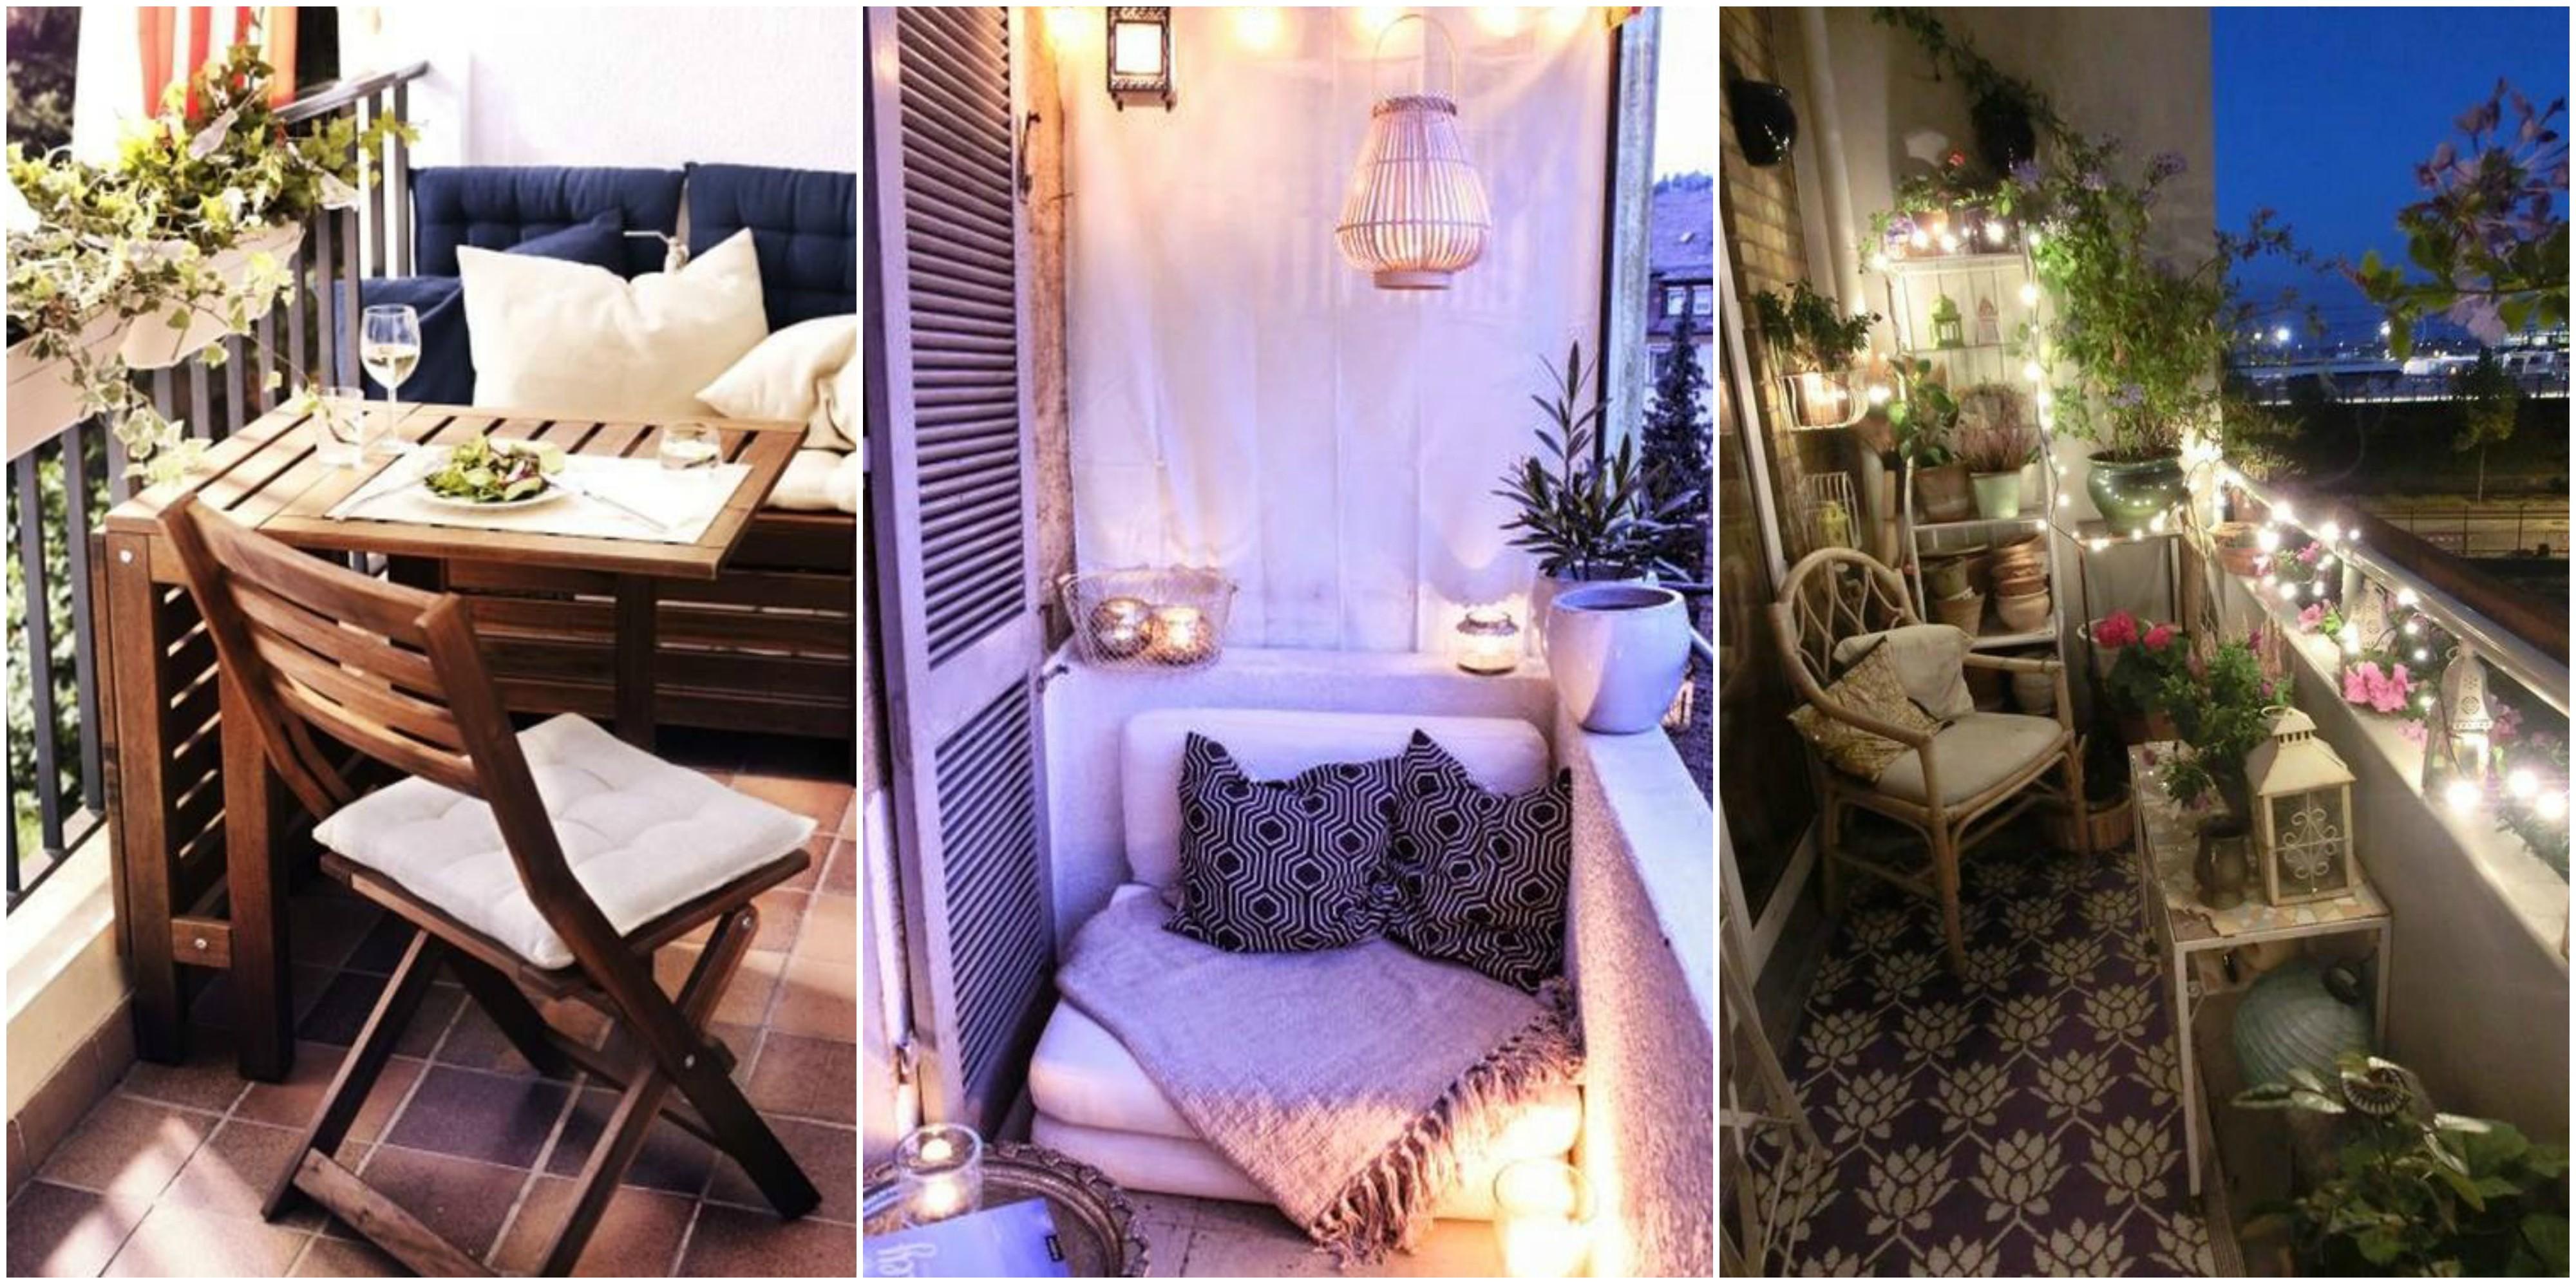 kleinen balkon einrichten und dekorieren 10 wundersch ne. Black Bedroom Furniture Sets. Home Design Ideas